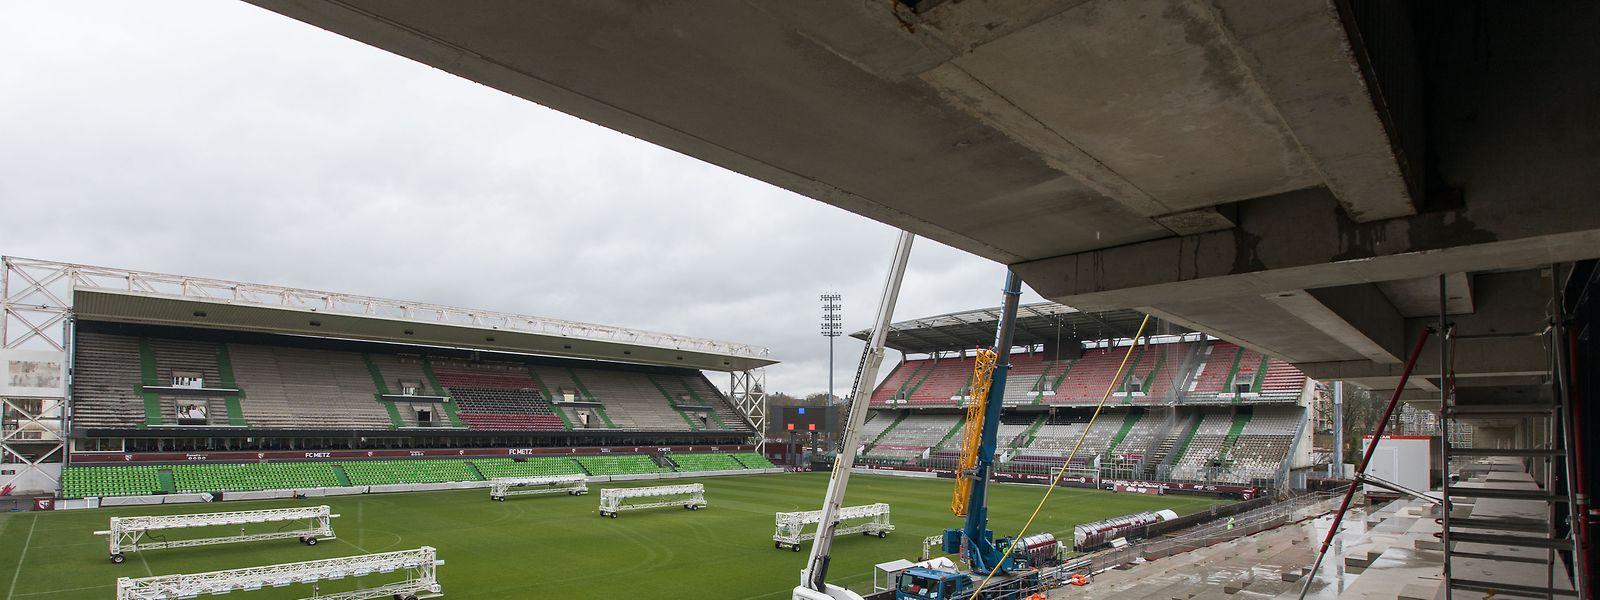 Le stade Saint-Symphorien devrait être opérationnel pour la reprise de la compétition.